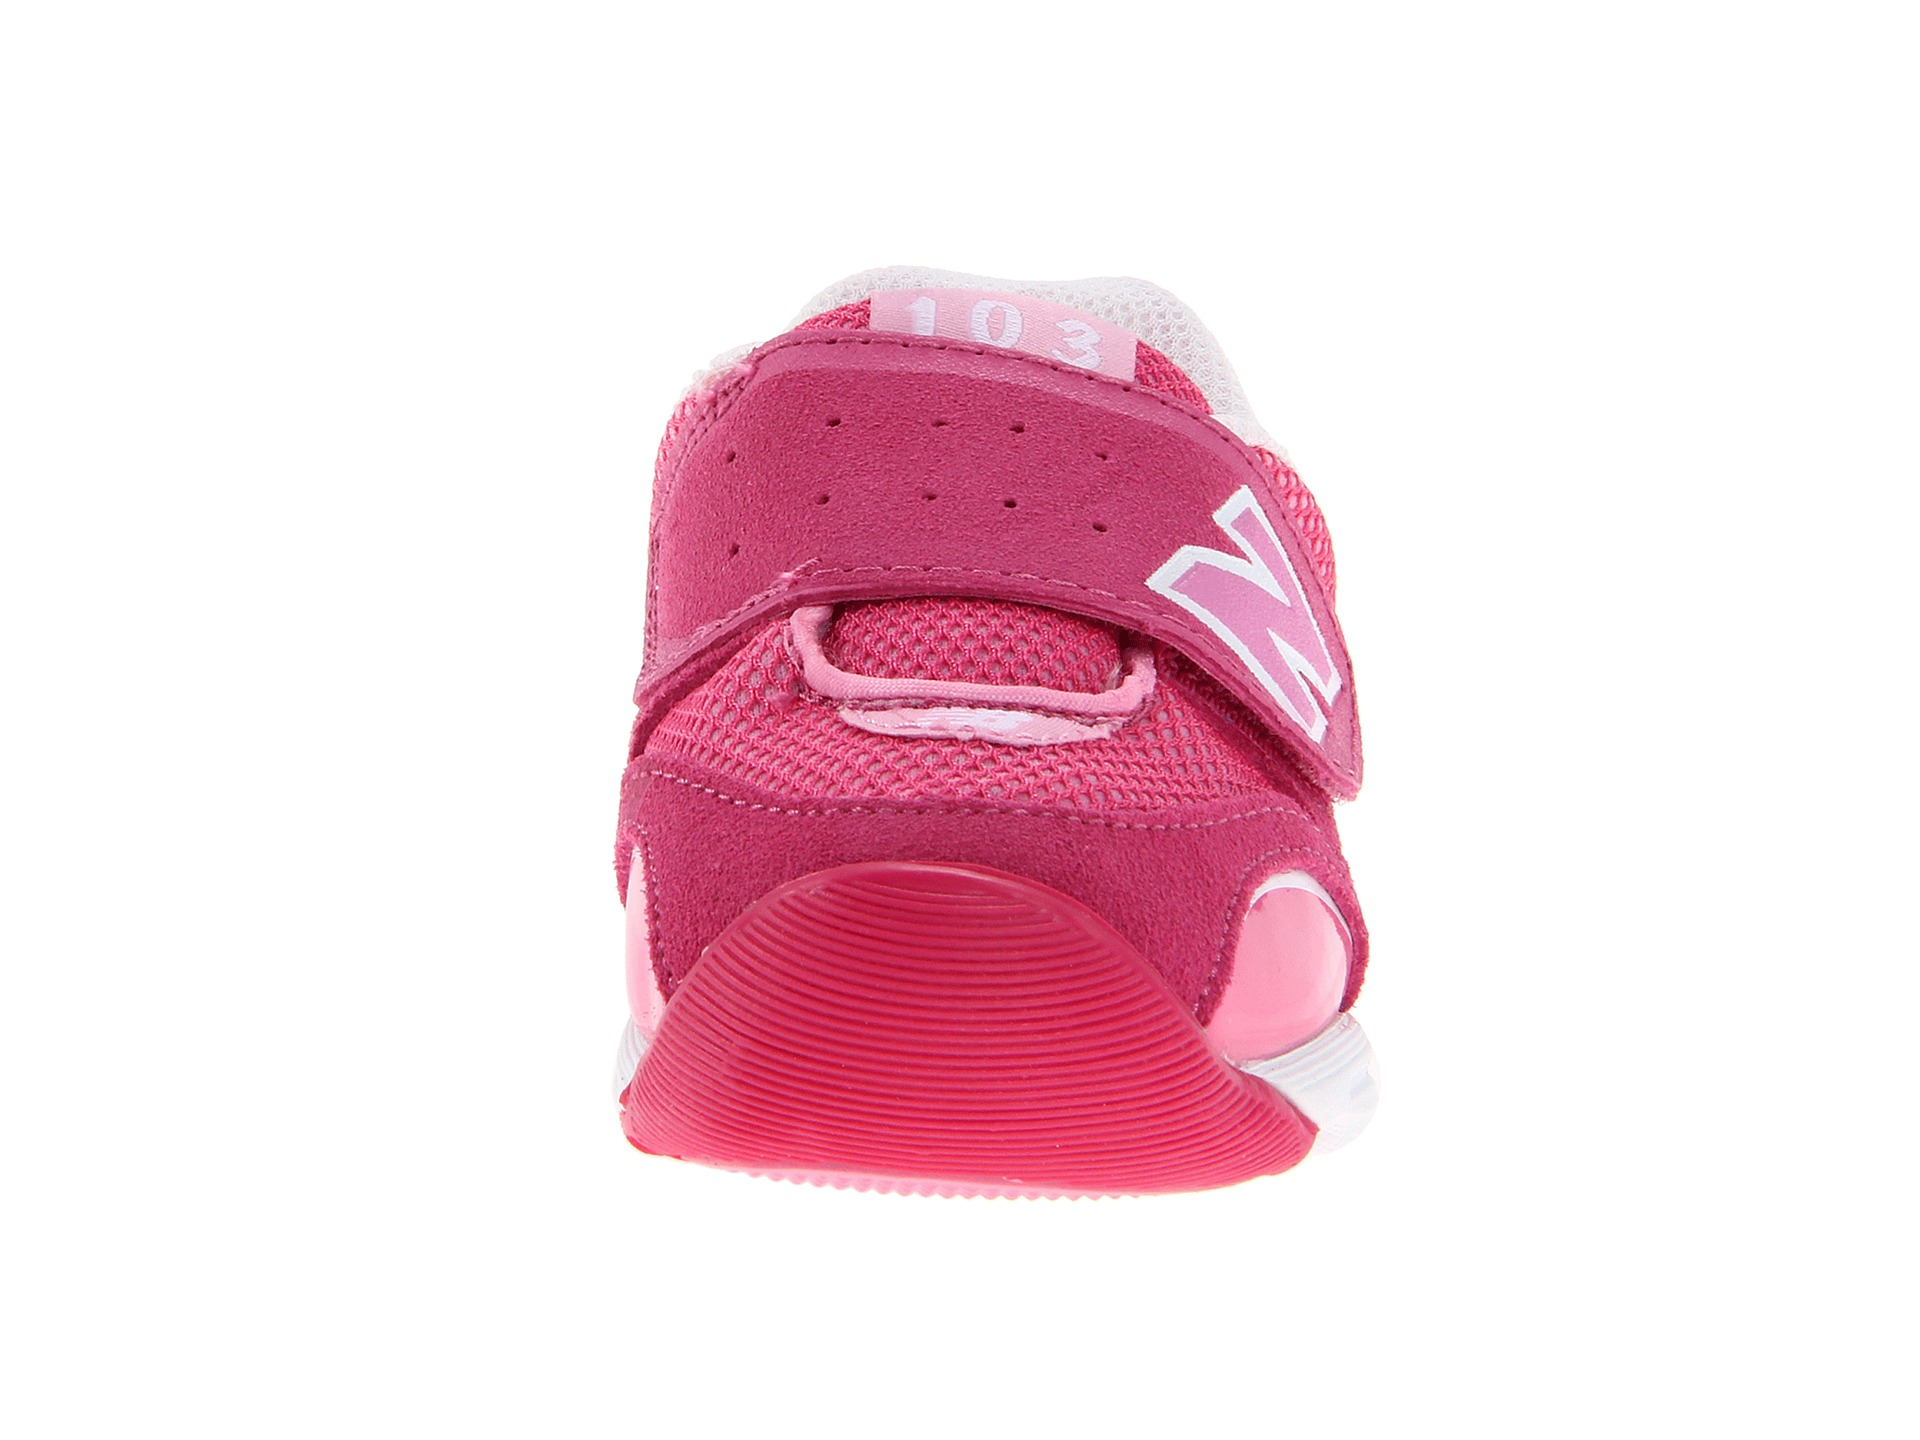 New Balance Kids Kv103 Infant Toddler Pink